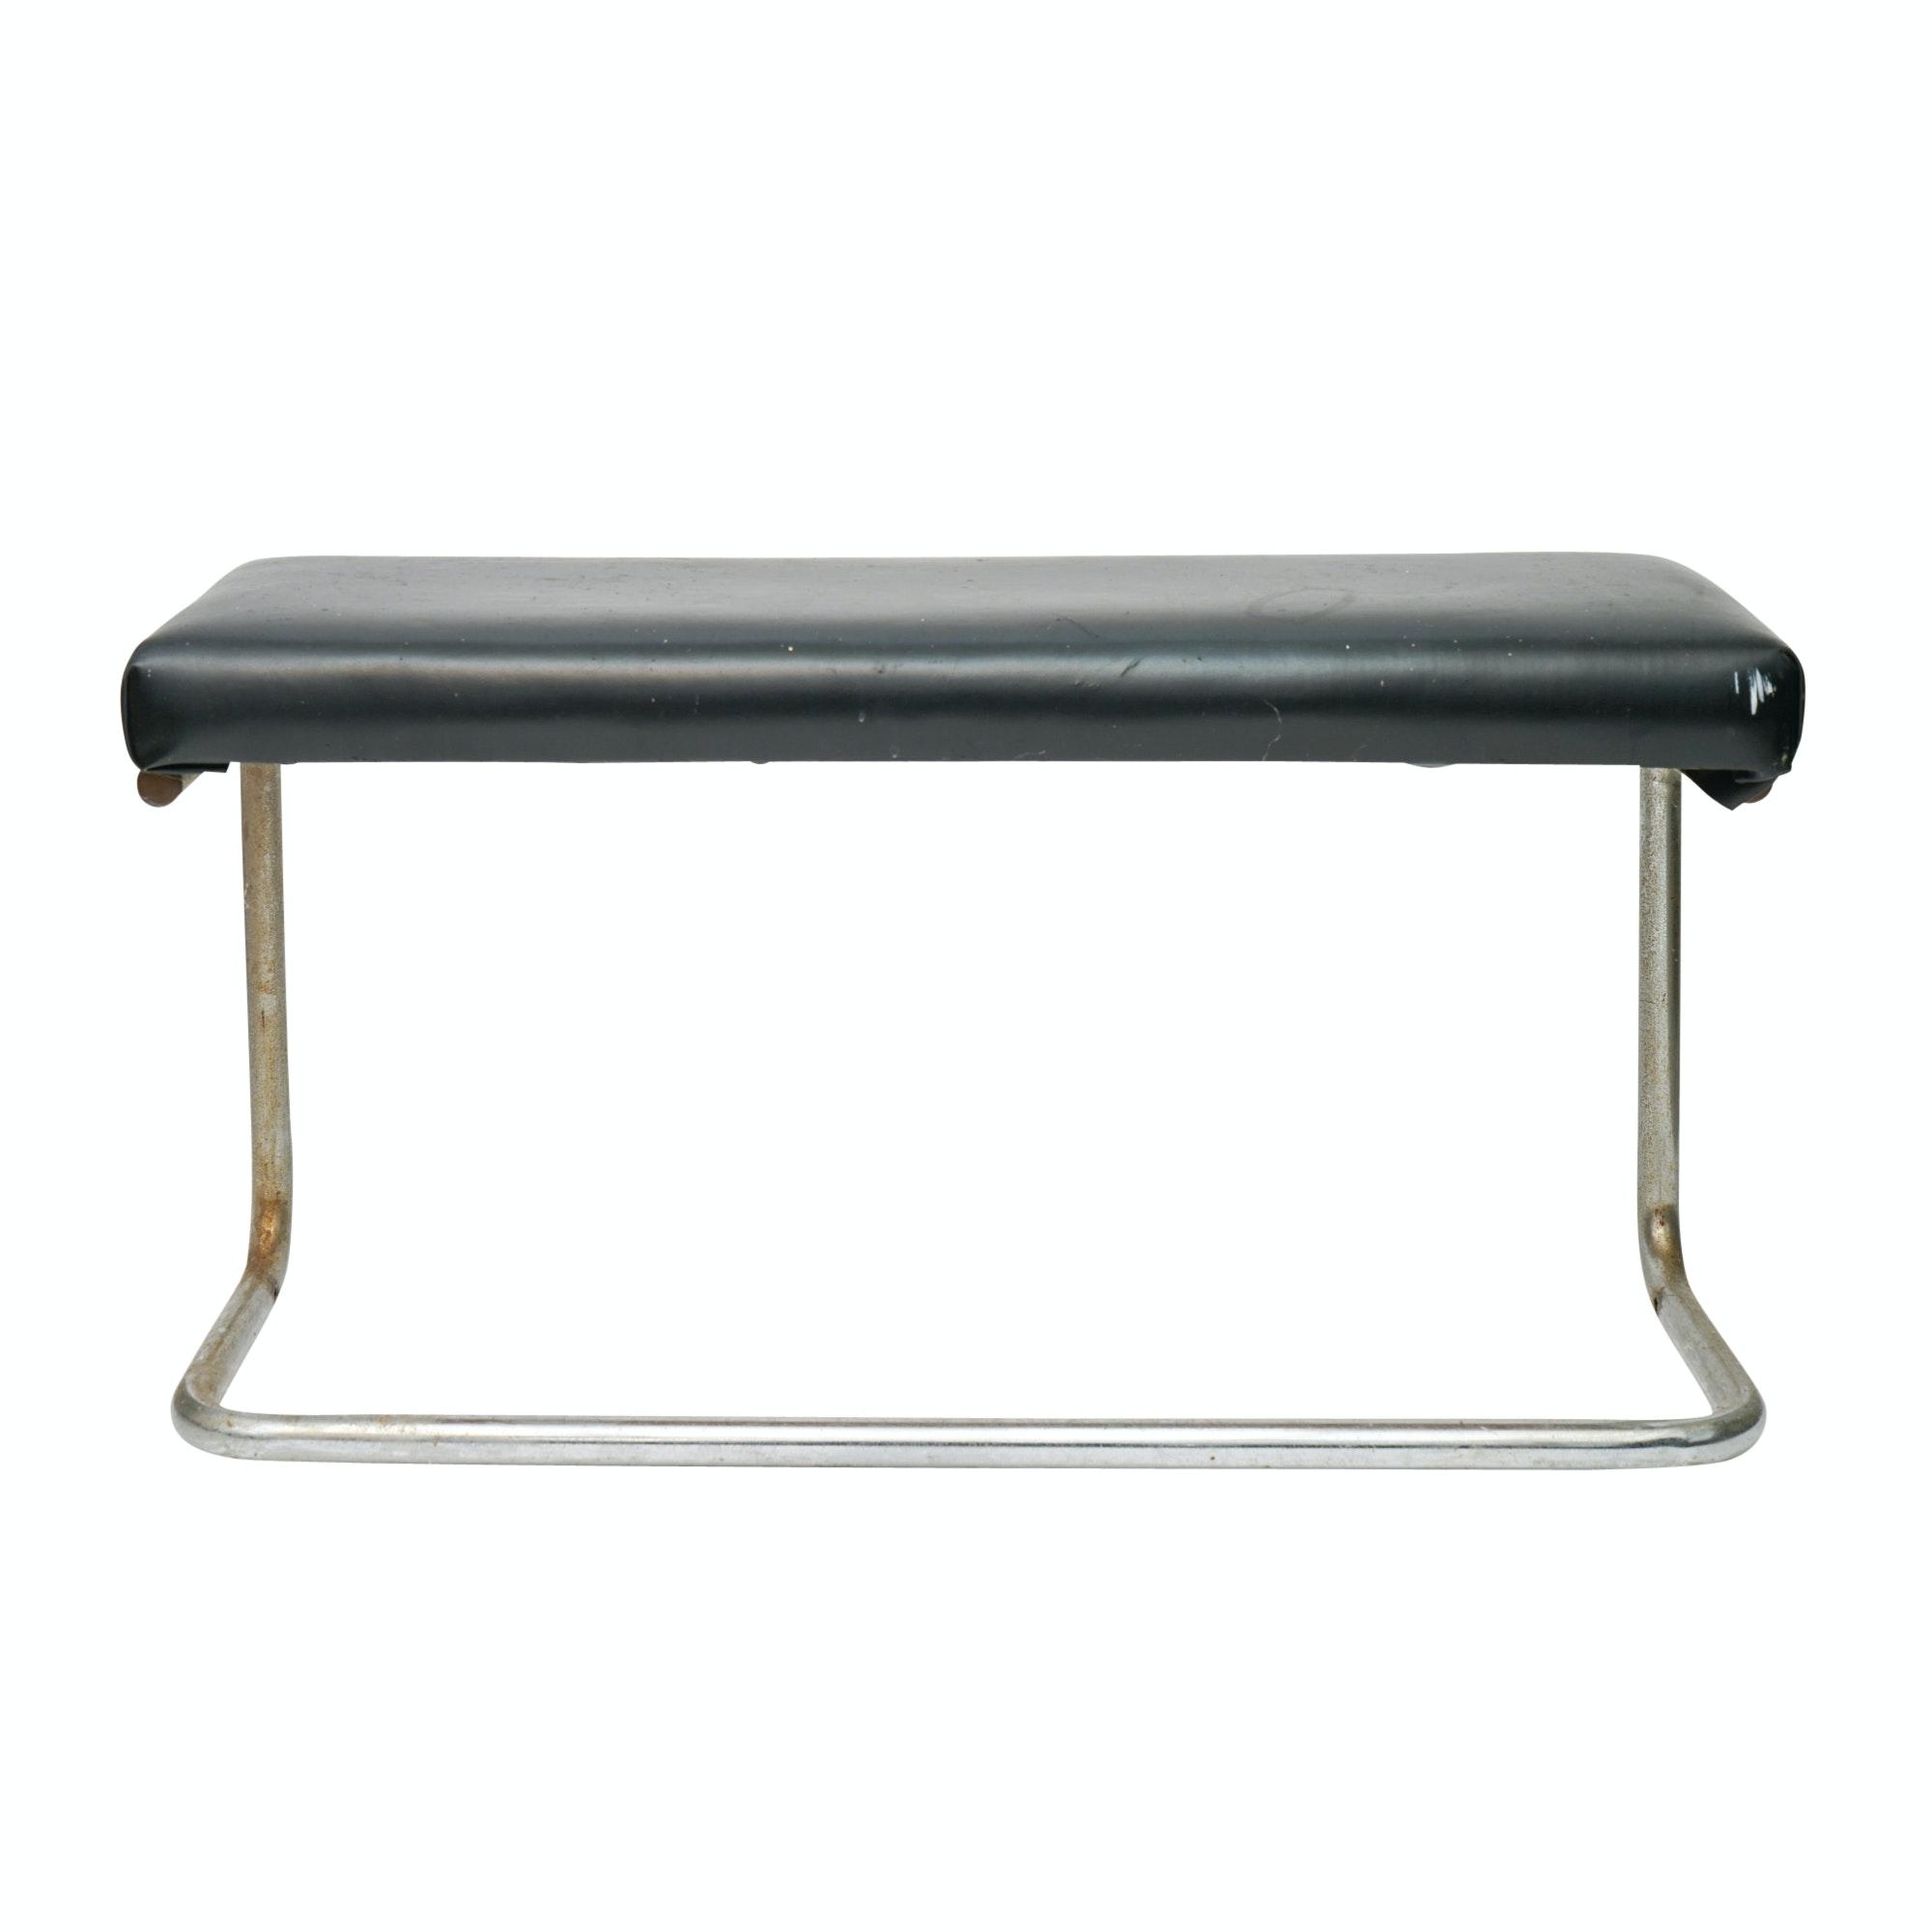 Art Deco Chromed Metal Bench